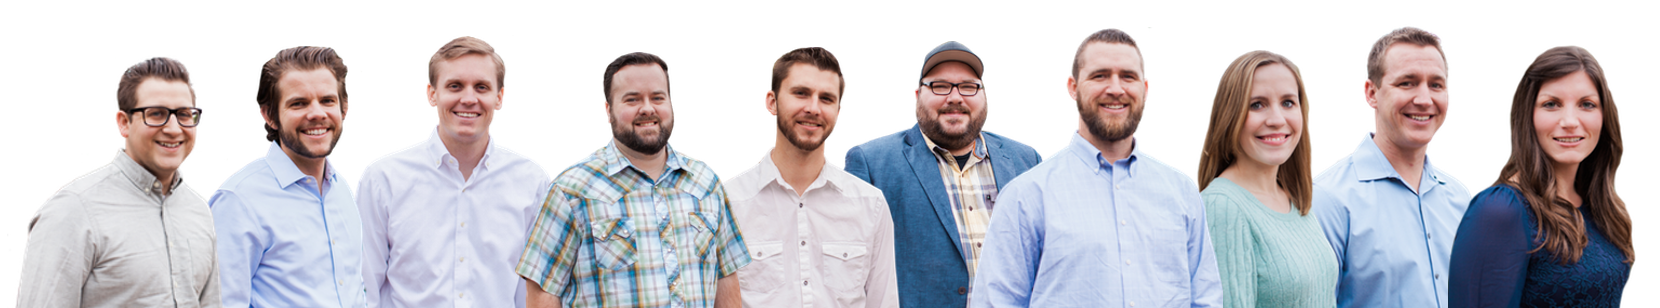 Stewardship Team - About Us